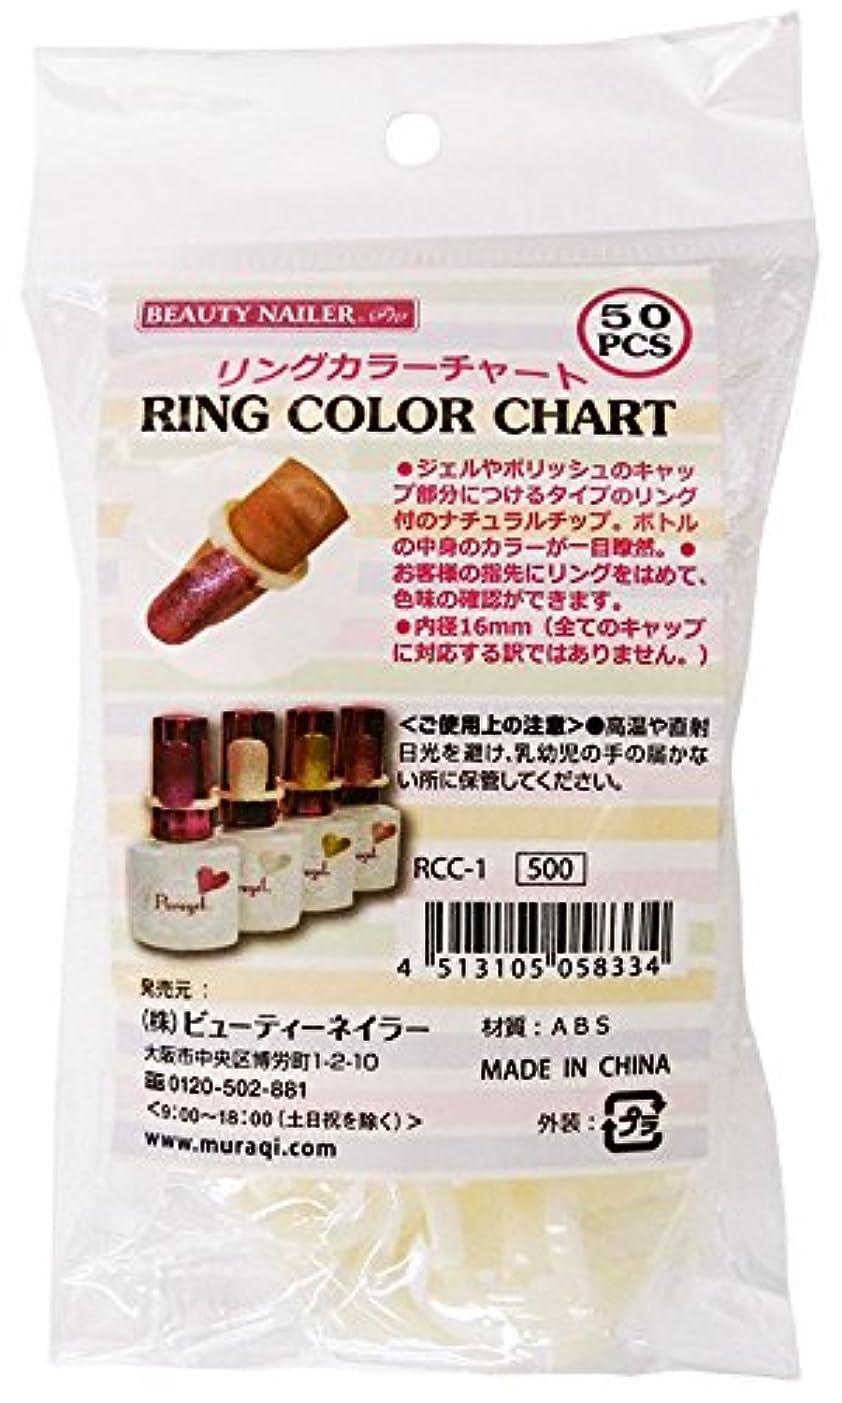 発生器ラリー動ビューティーネイラー ネイルアートパーツ RING COLOR CHART RCC-1